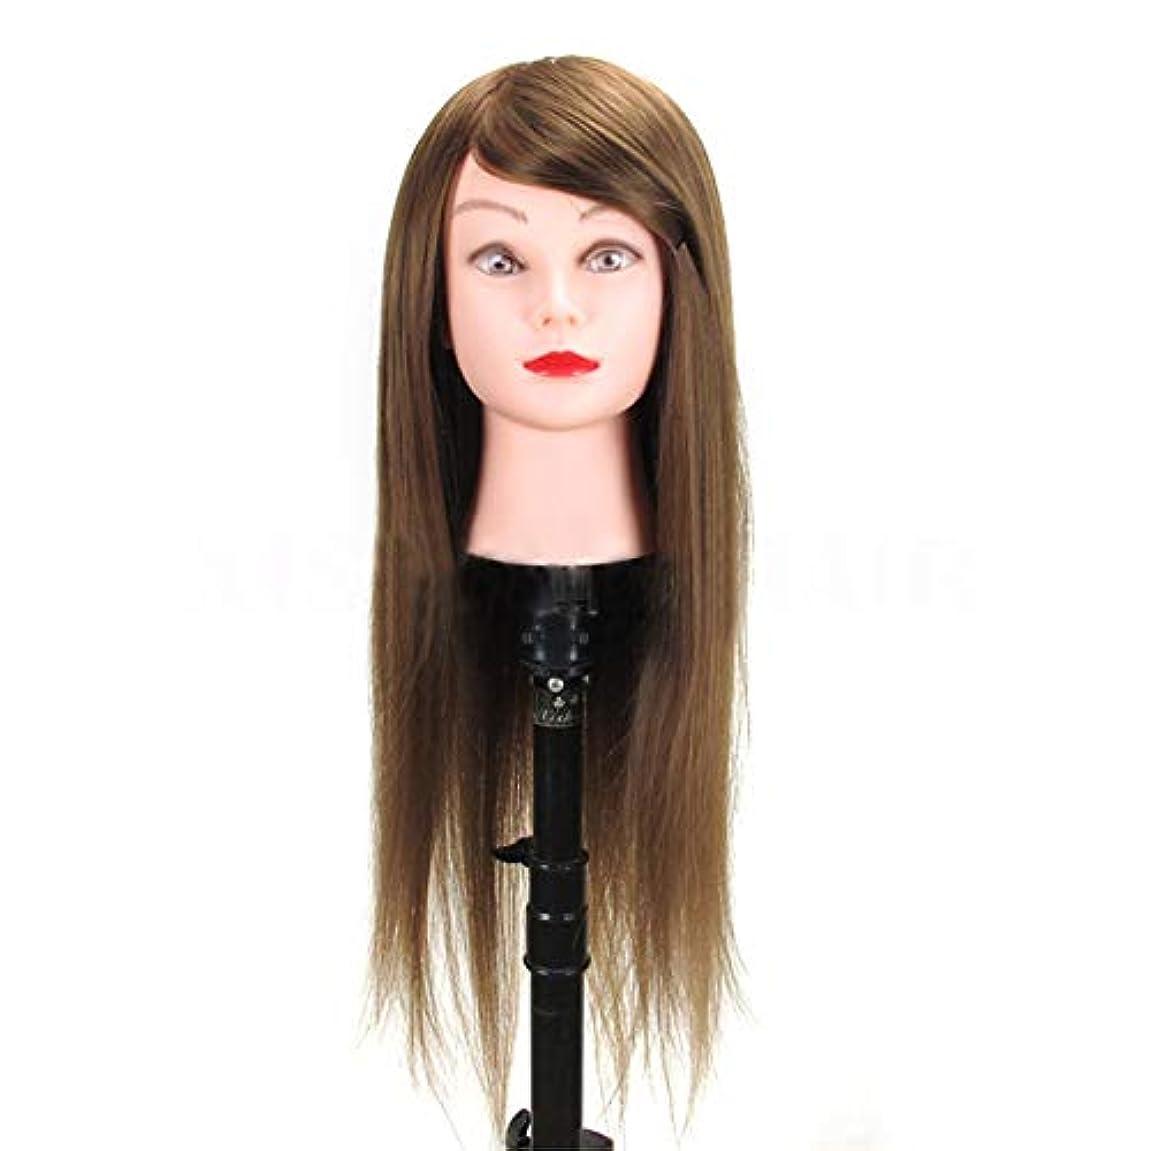 オートマトンアクセシブルテーブル高温シルク編組ヘアスタイリングヘッドモデル理髪店理髪ダミーヘッド化粧練習マネキンヘッド